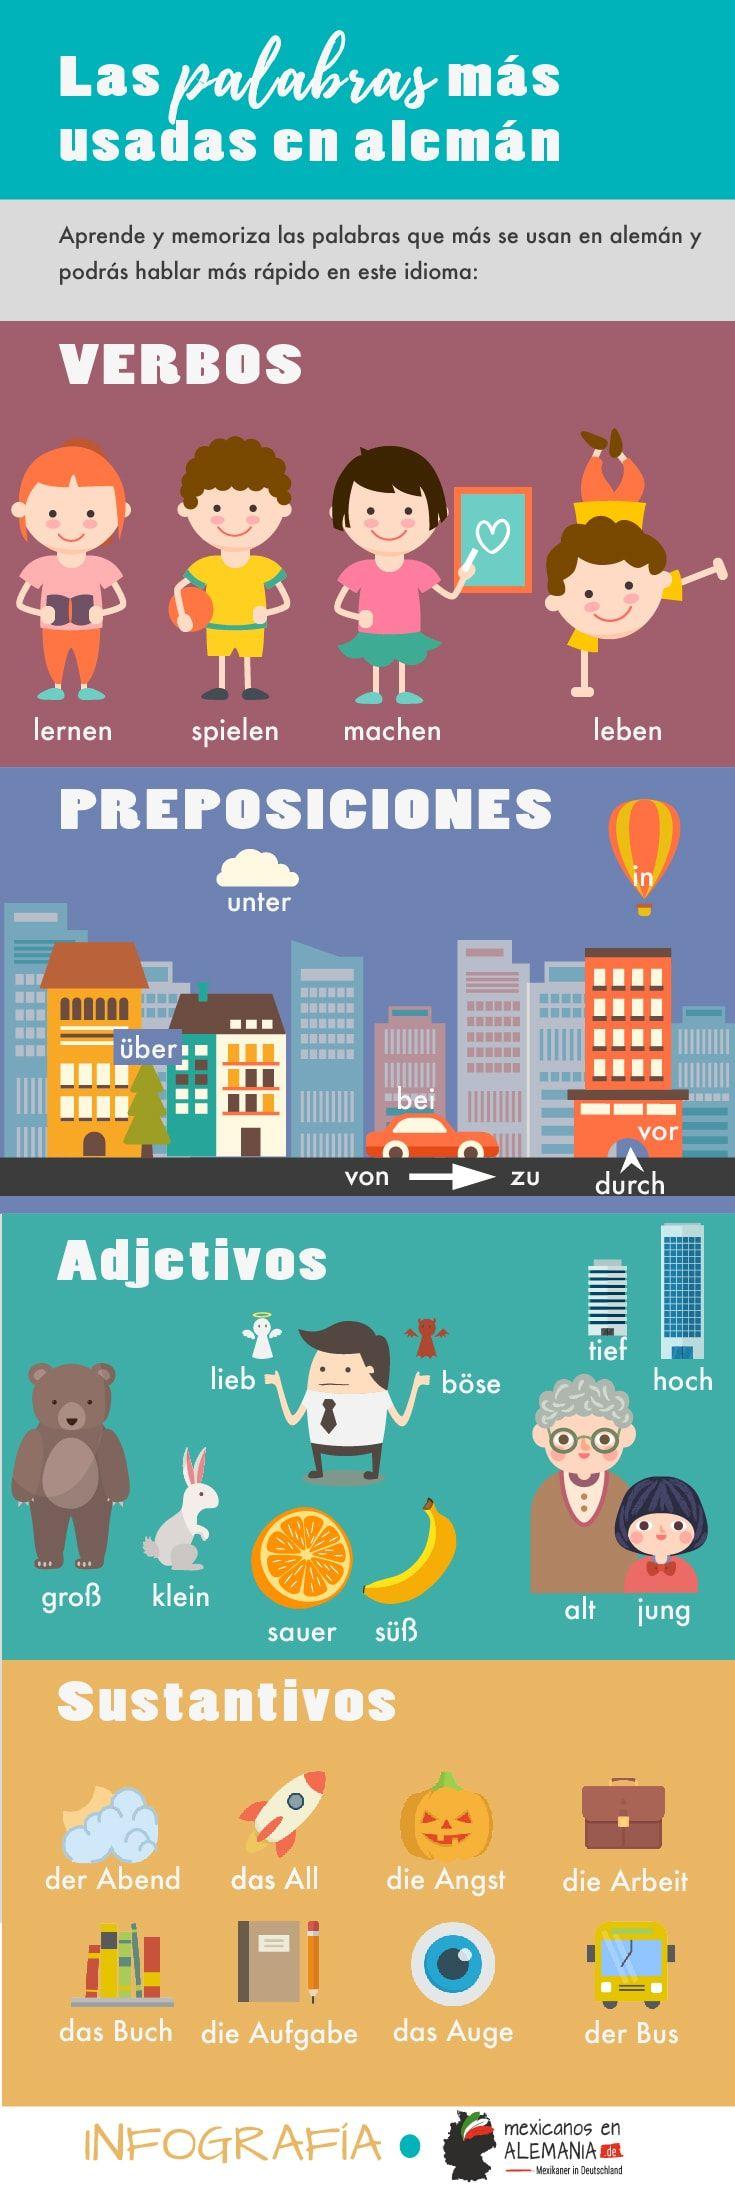 #Infografia ¿Estás aprendiendo alemán? Aquí te dejamos una lista de las palabras más comunes #alemán